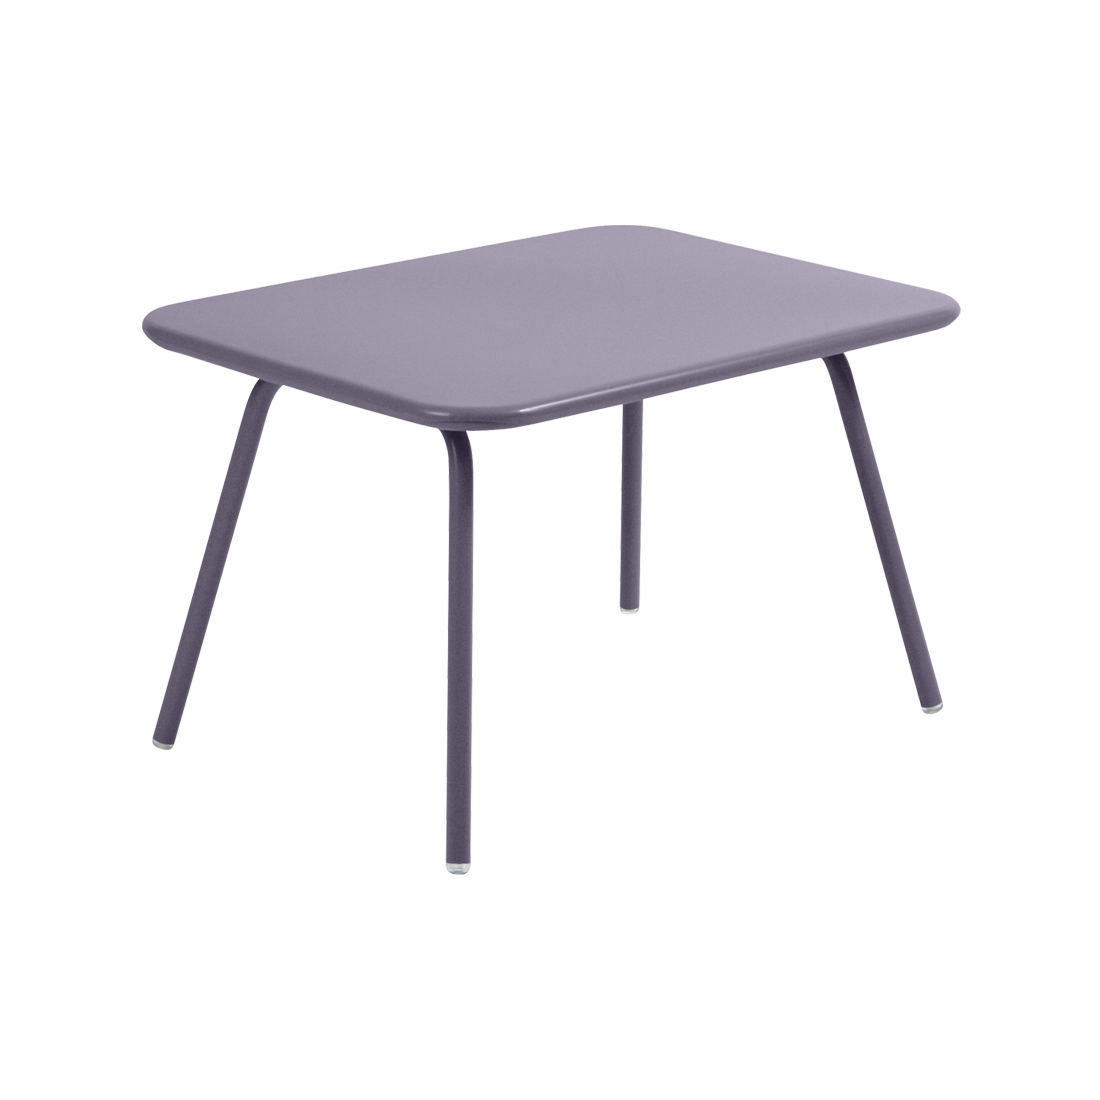 Möbel für Kinder - Gartenmöbel aus Metall - Fermob